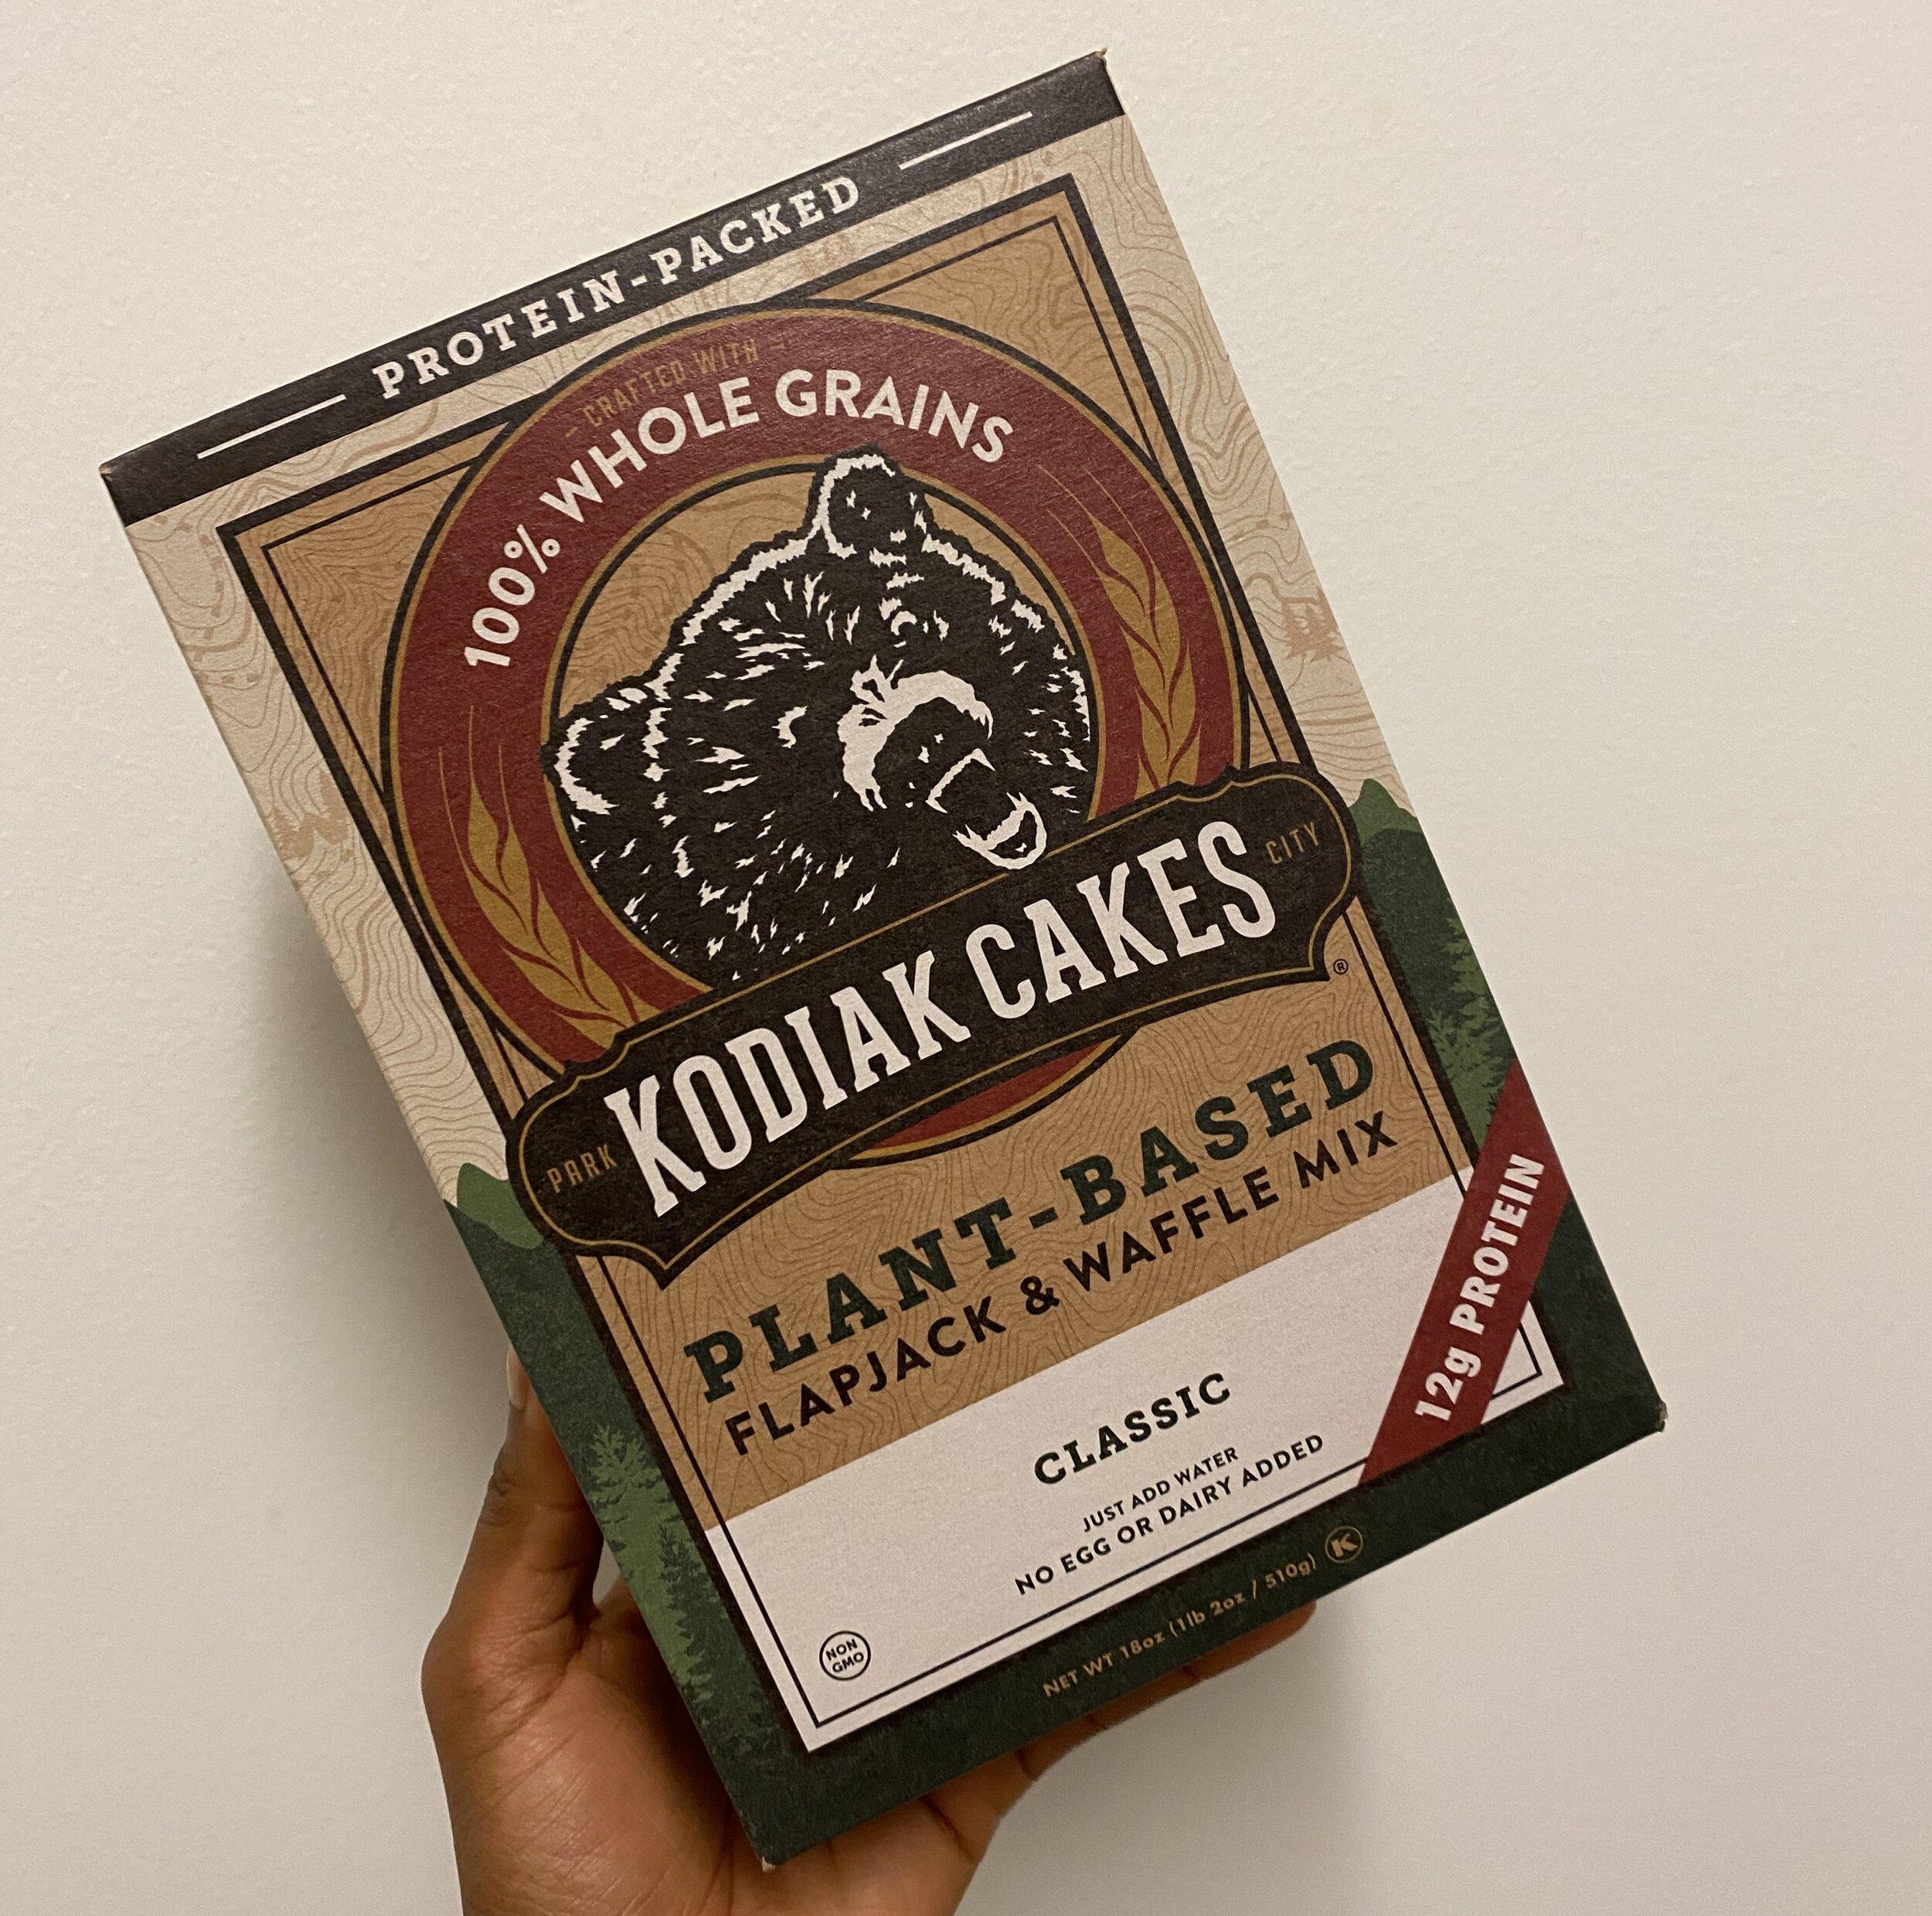 KodakCakes Plant Based Mix